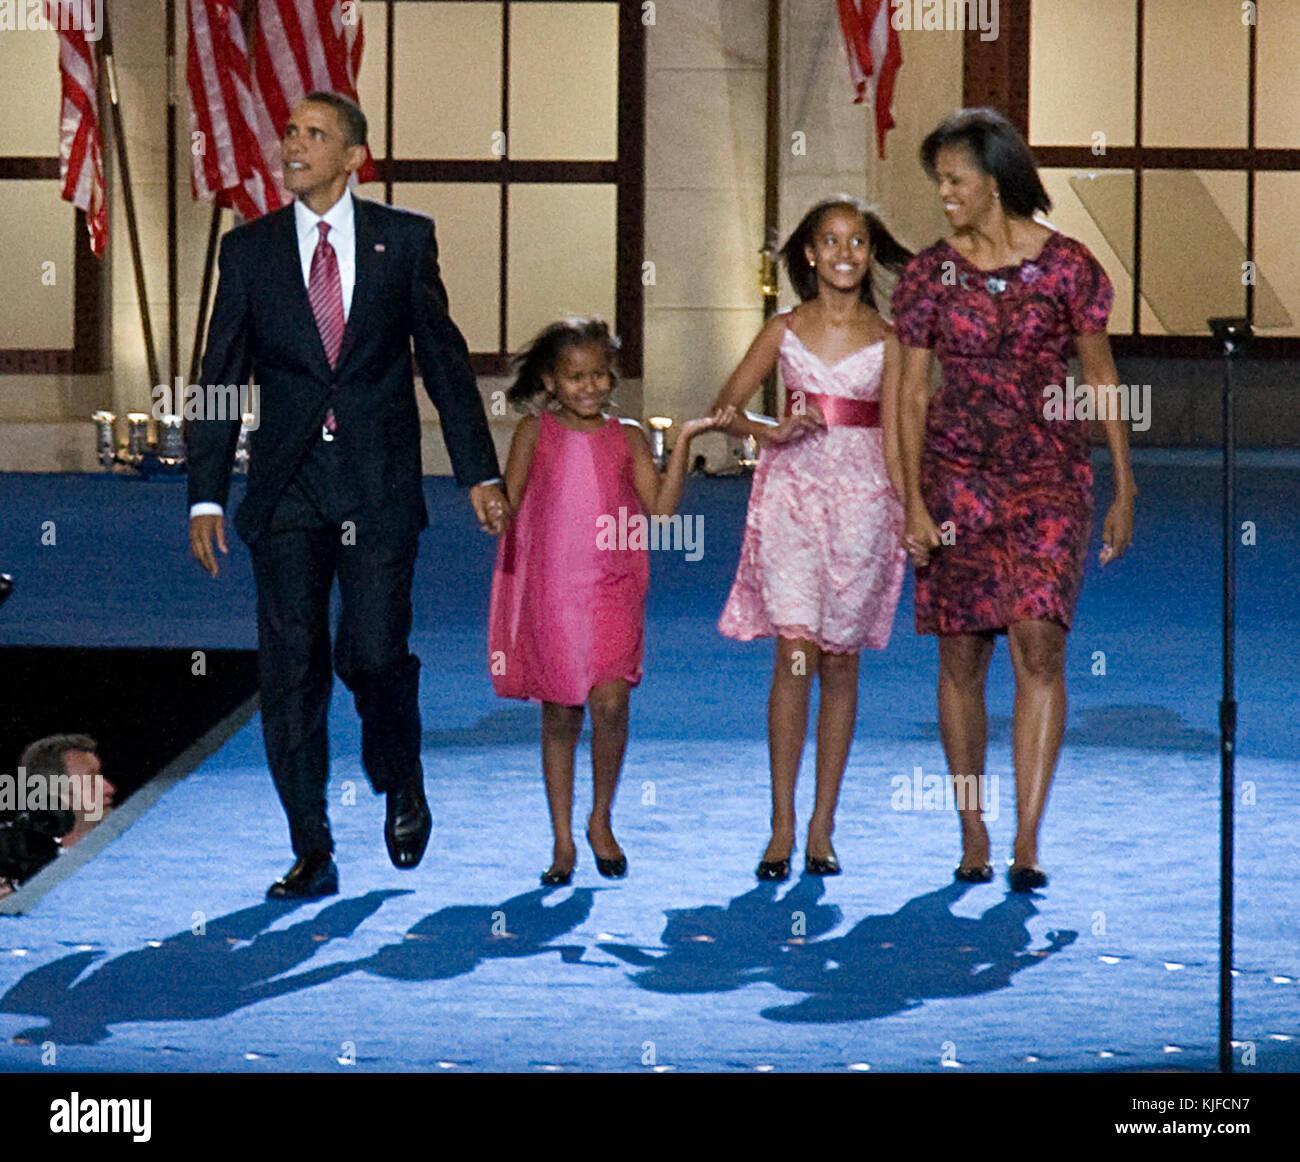 obama family 2008 stock photos amp obama family 2008 stock